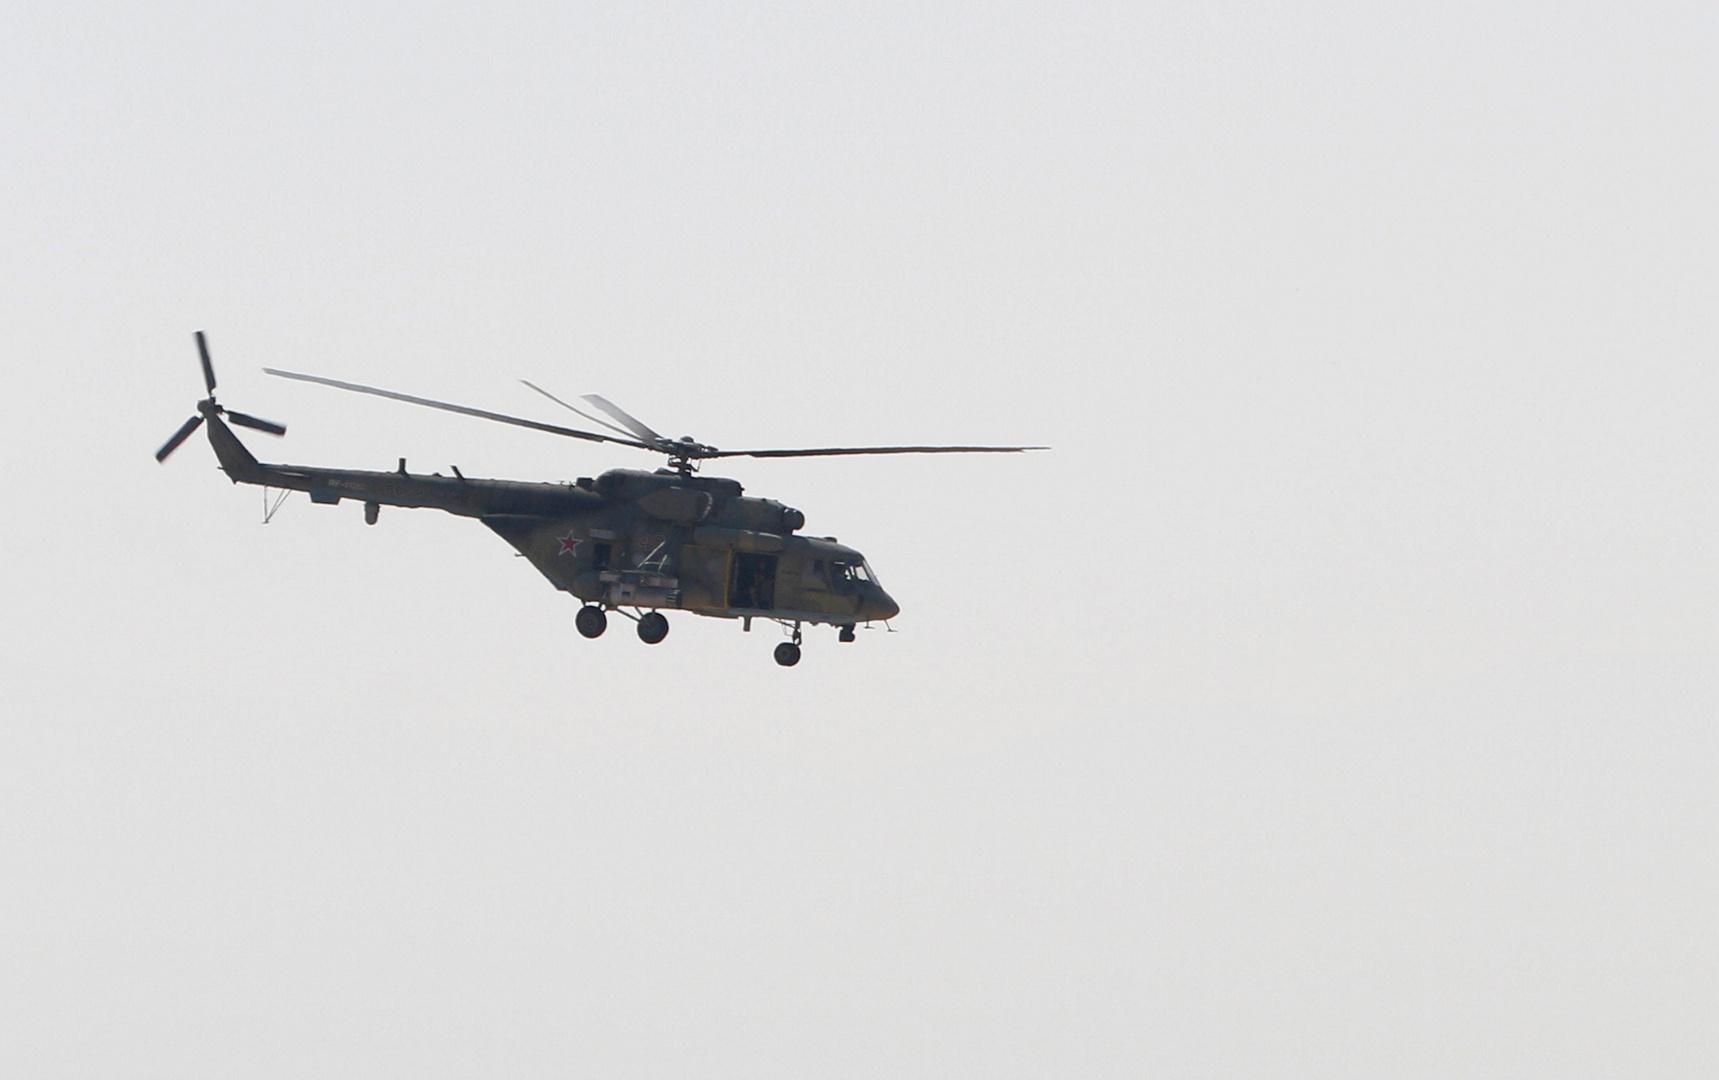 روسيا تنشر مروحيات ومنظومات دفاع جوي في مطار القامشلي شمالي سوريا